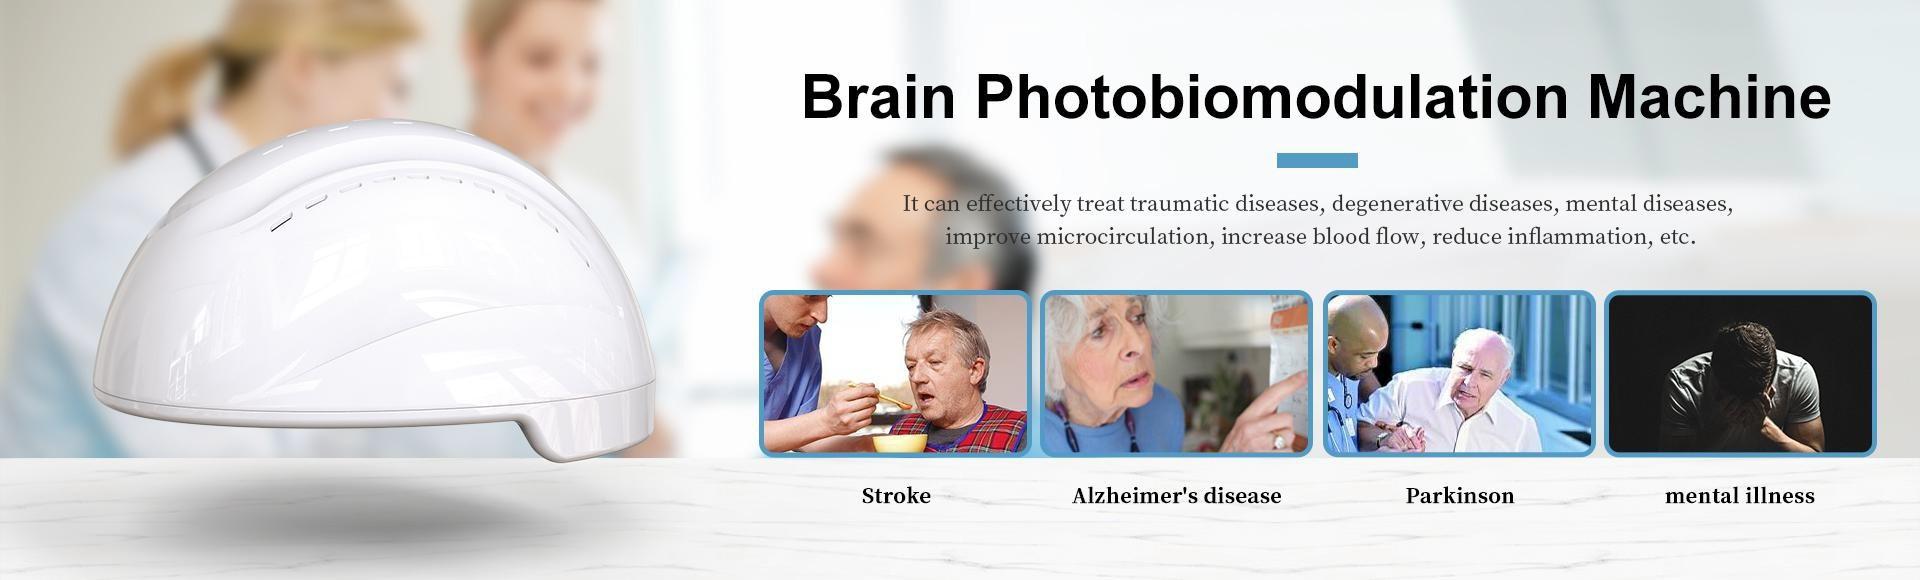 brainhelmetuses.jpg